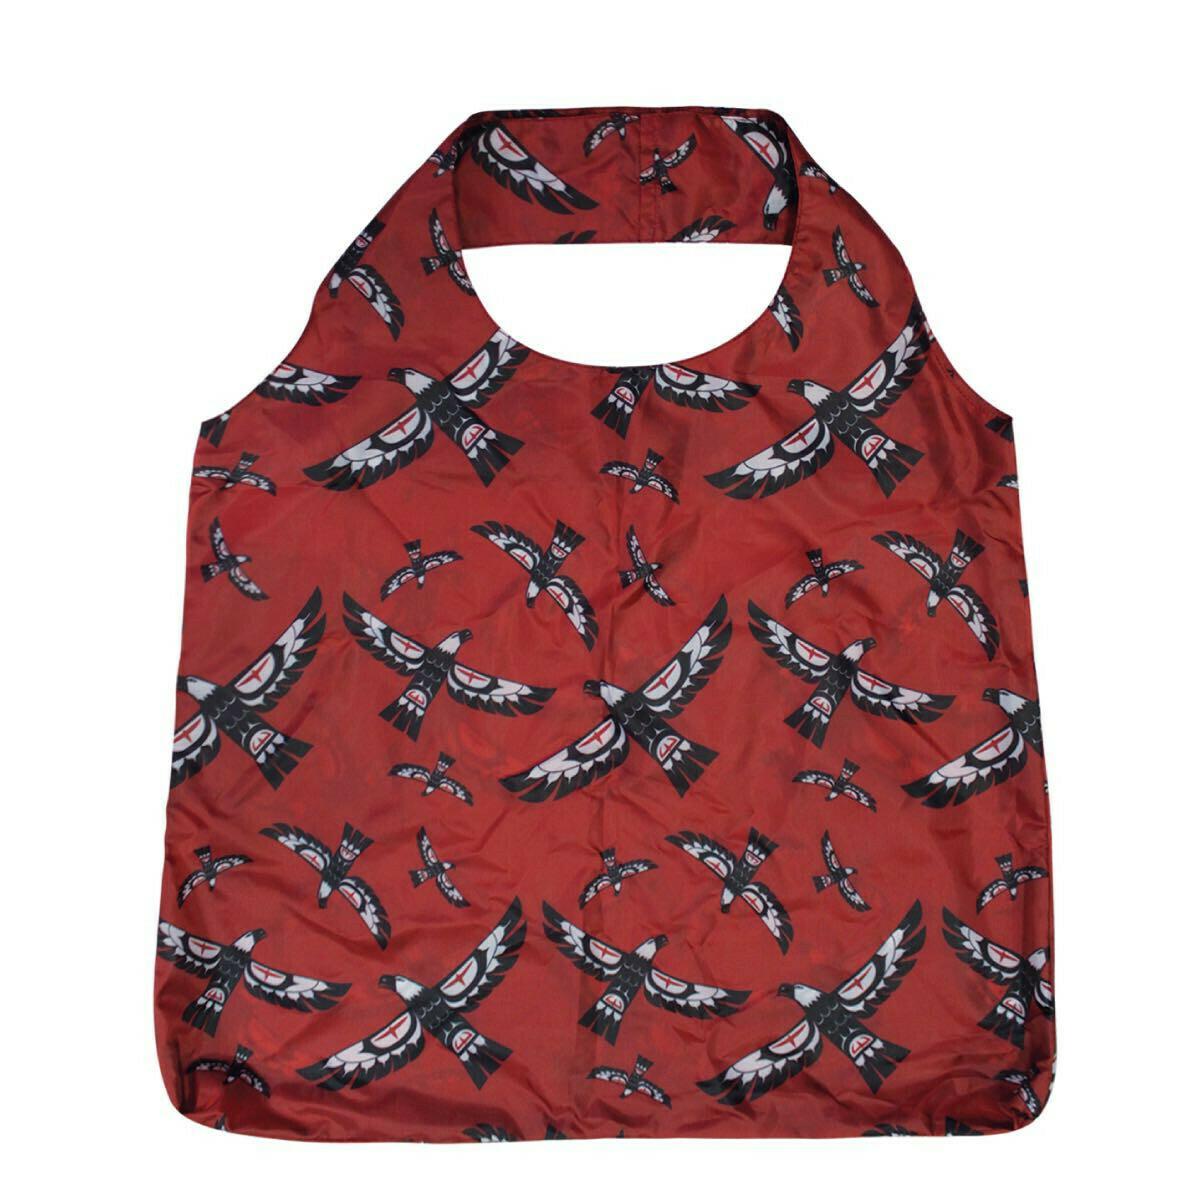 Shopping Bag - Eagle